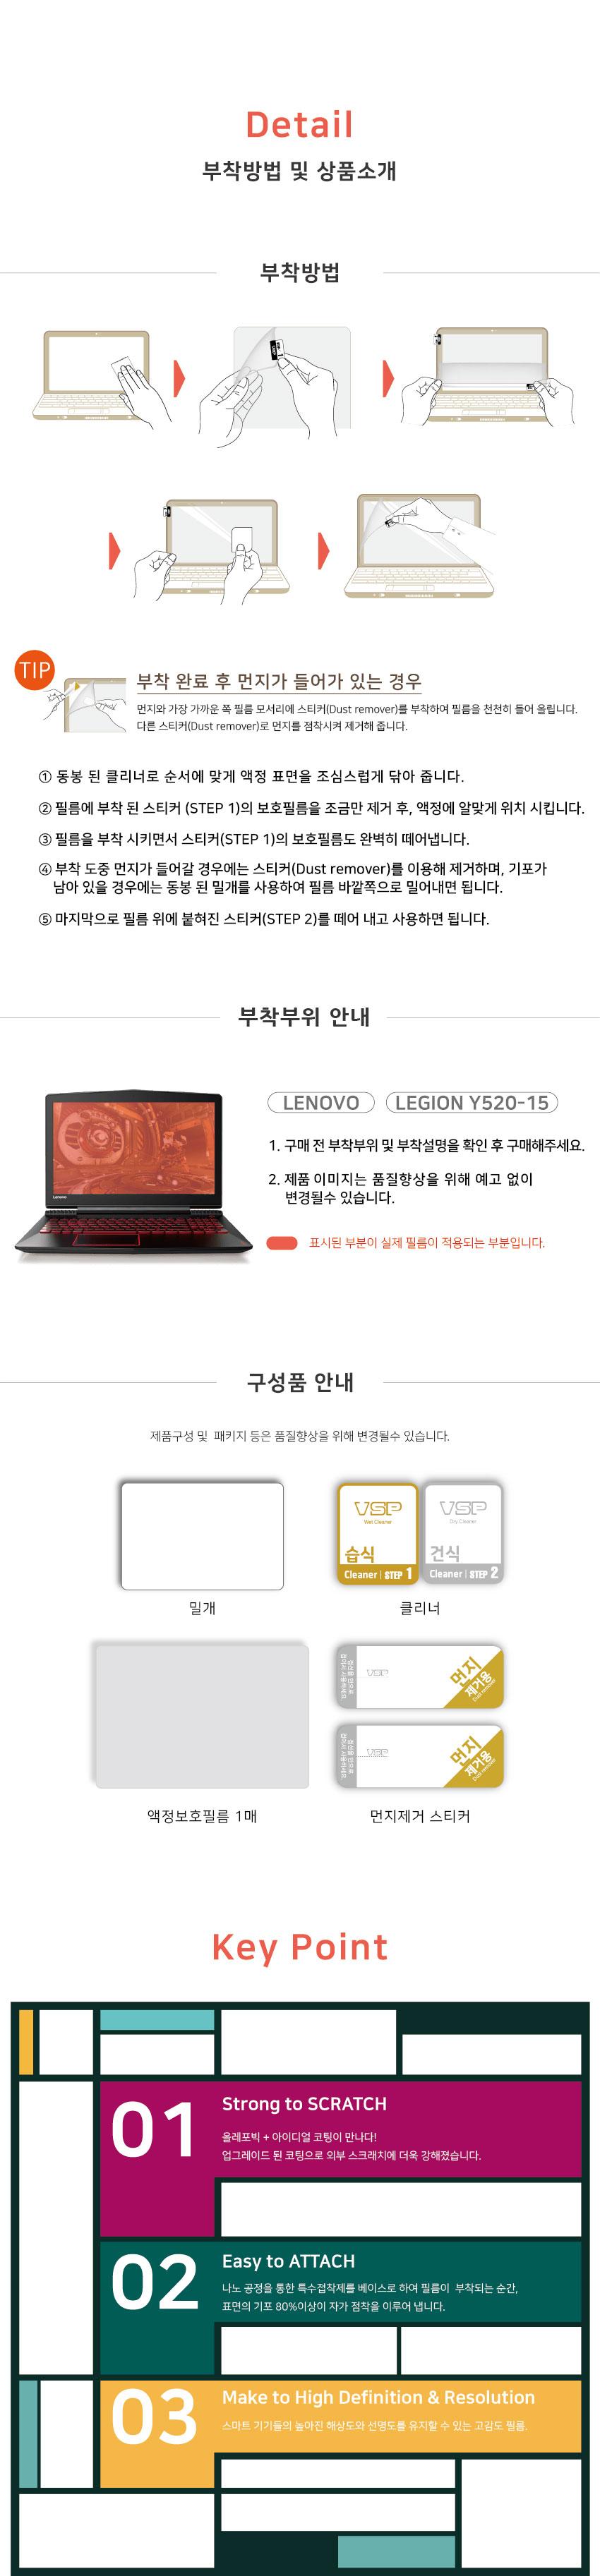 레노버 LEGION Y520-15 올레포빅 액정 보호필름 - 뷰에스피, 21,250원, 노트북 액정보호필름, 14~15인치